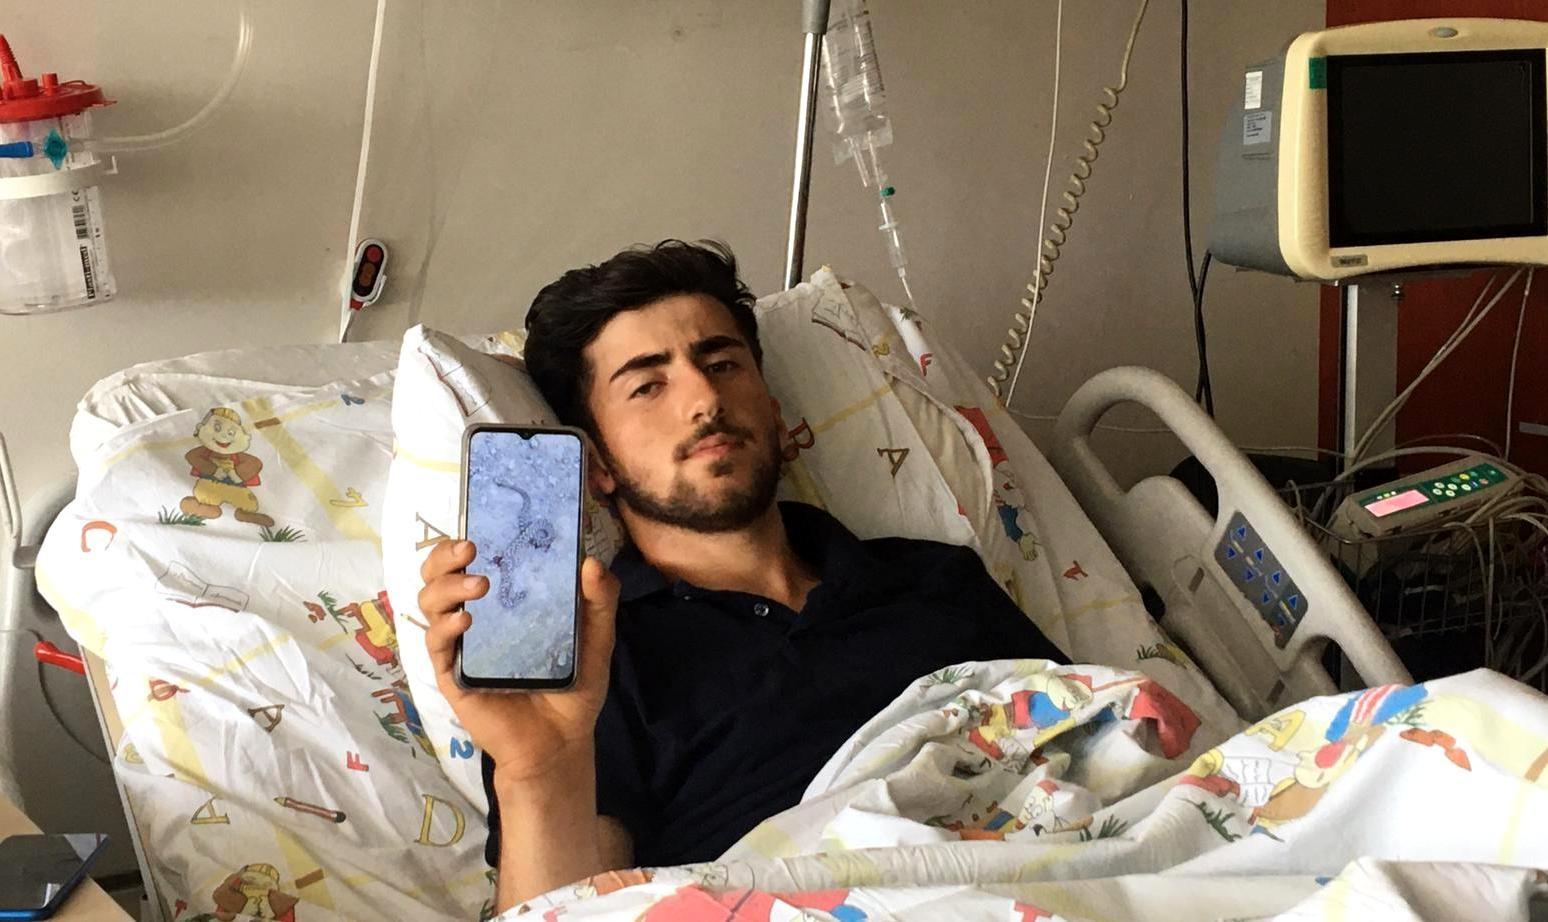 Zehirli yılanın ısırdığı genç Erzurum'da hayata tutundu